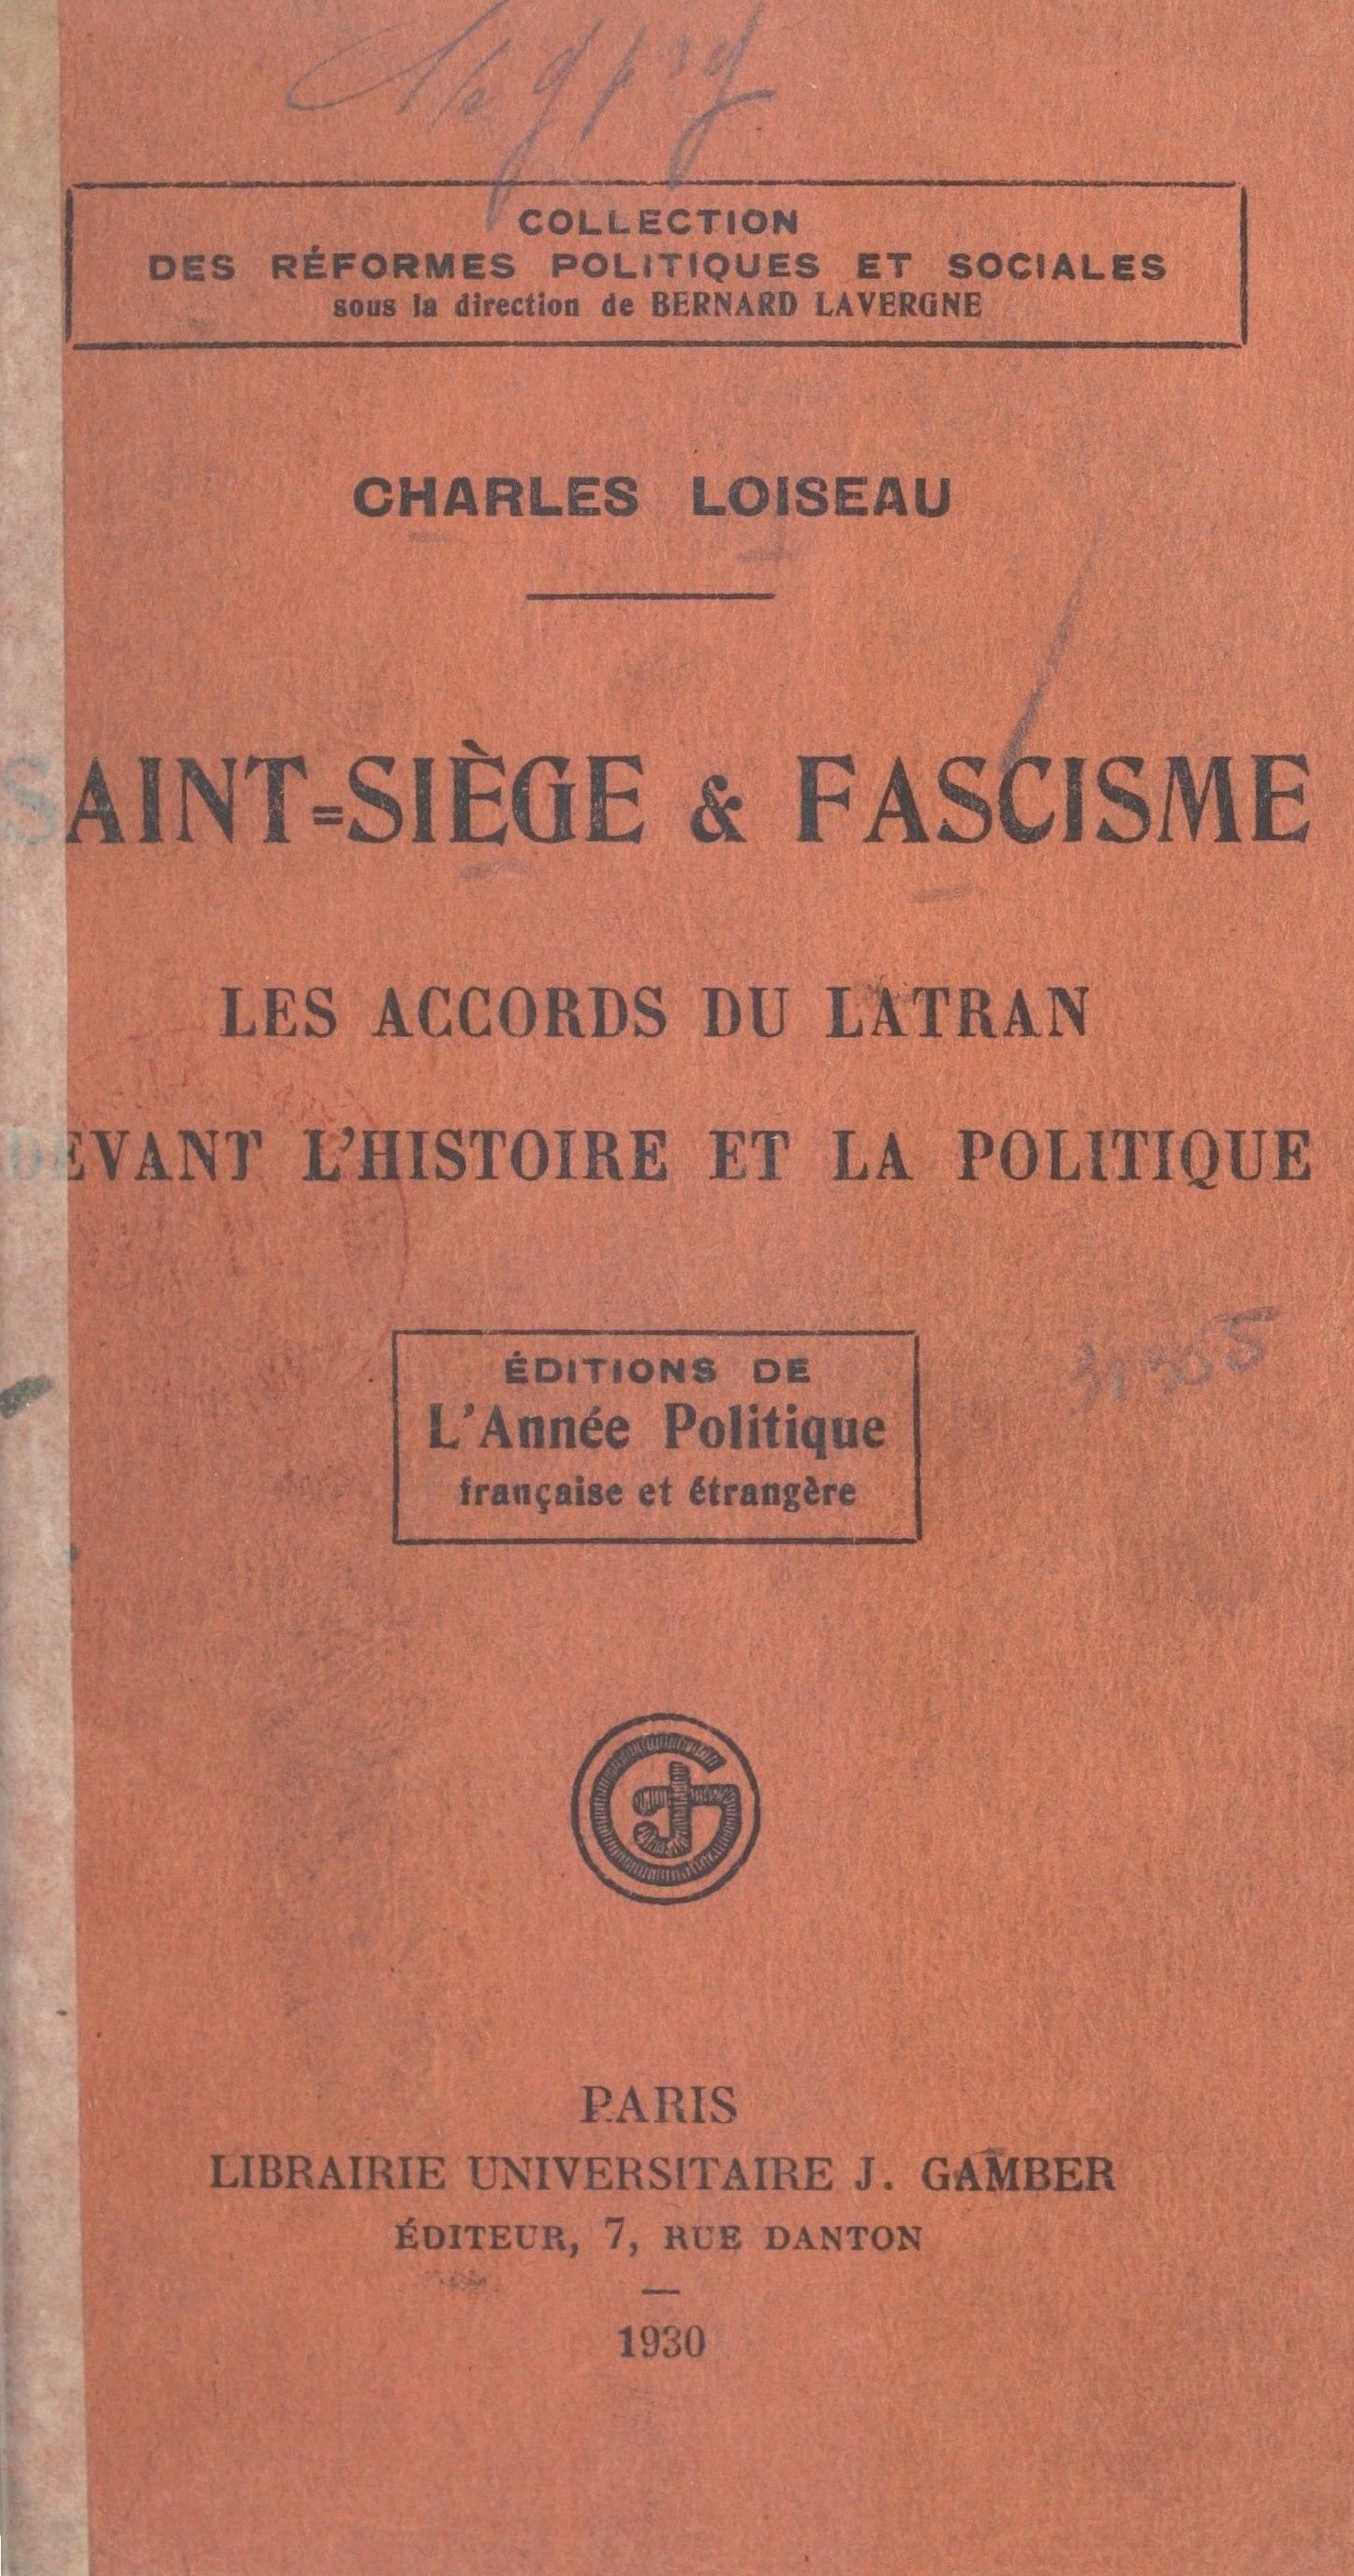 Saint-Siège et fascisme, LES ACCORDS DU LATRAN DEVANT L'HISTOIRE ET LA POLITIQUE